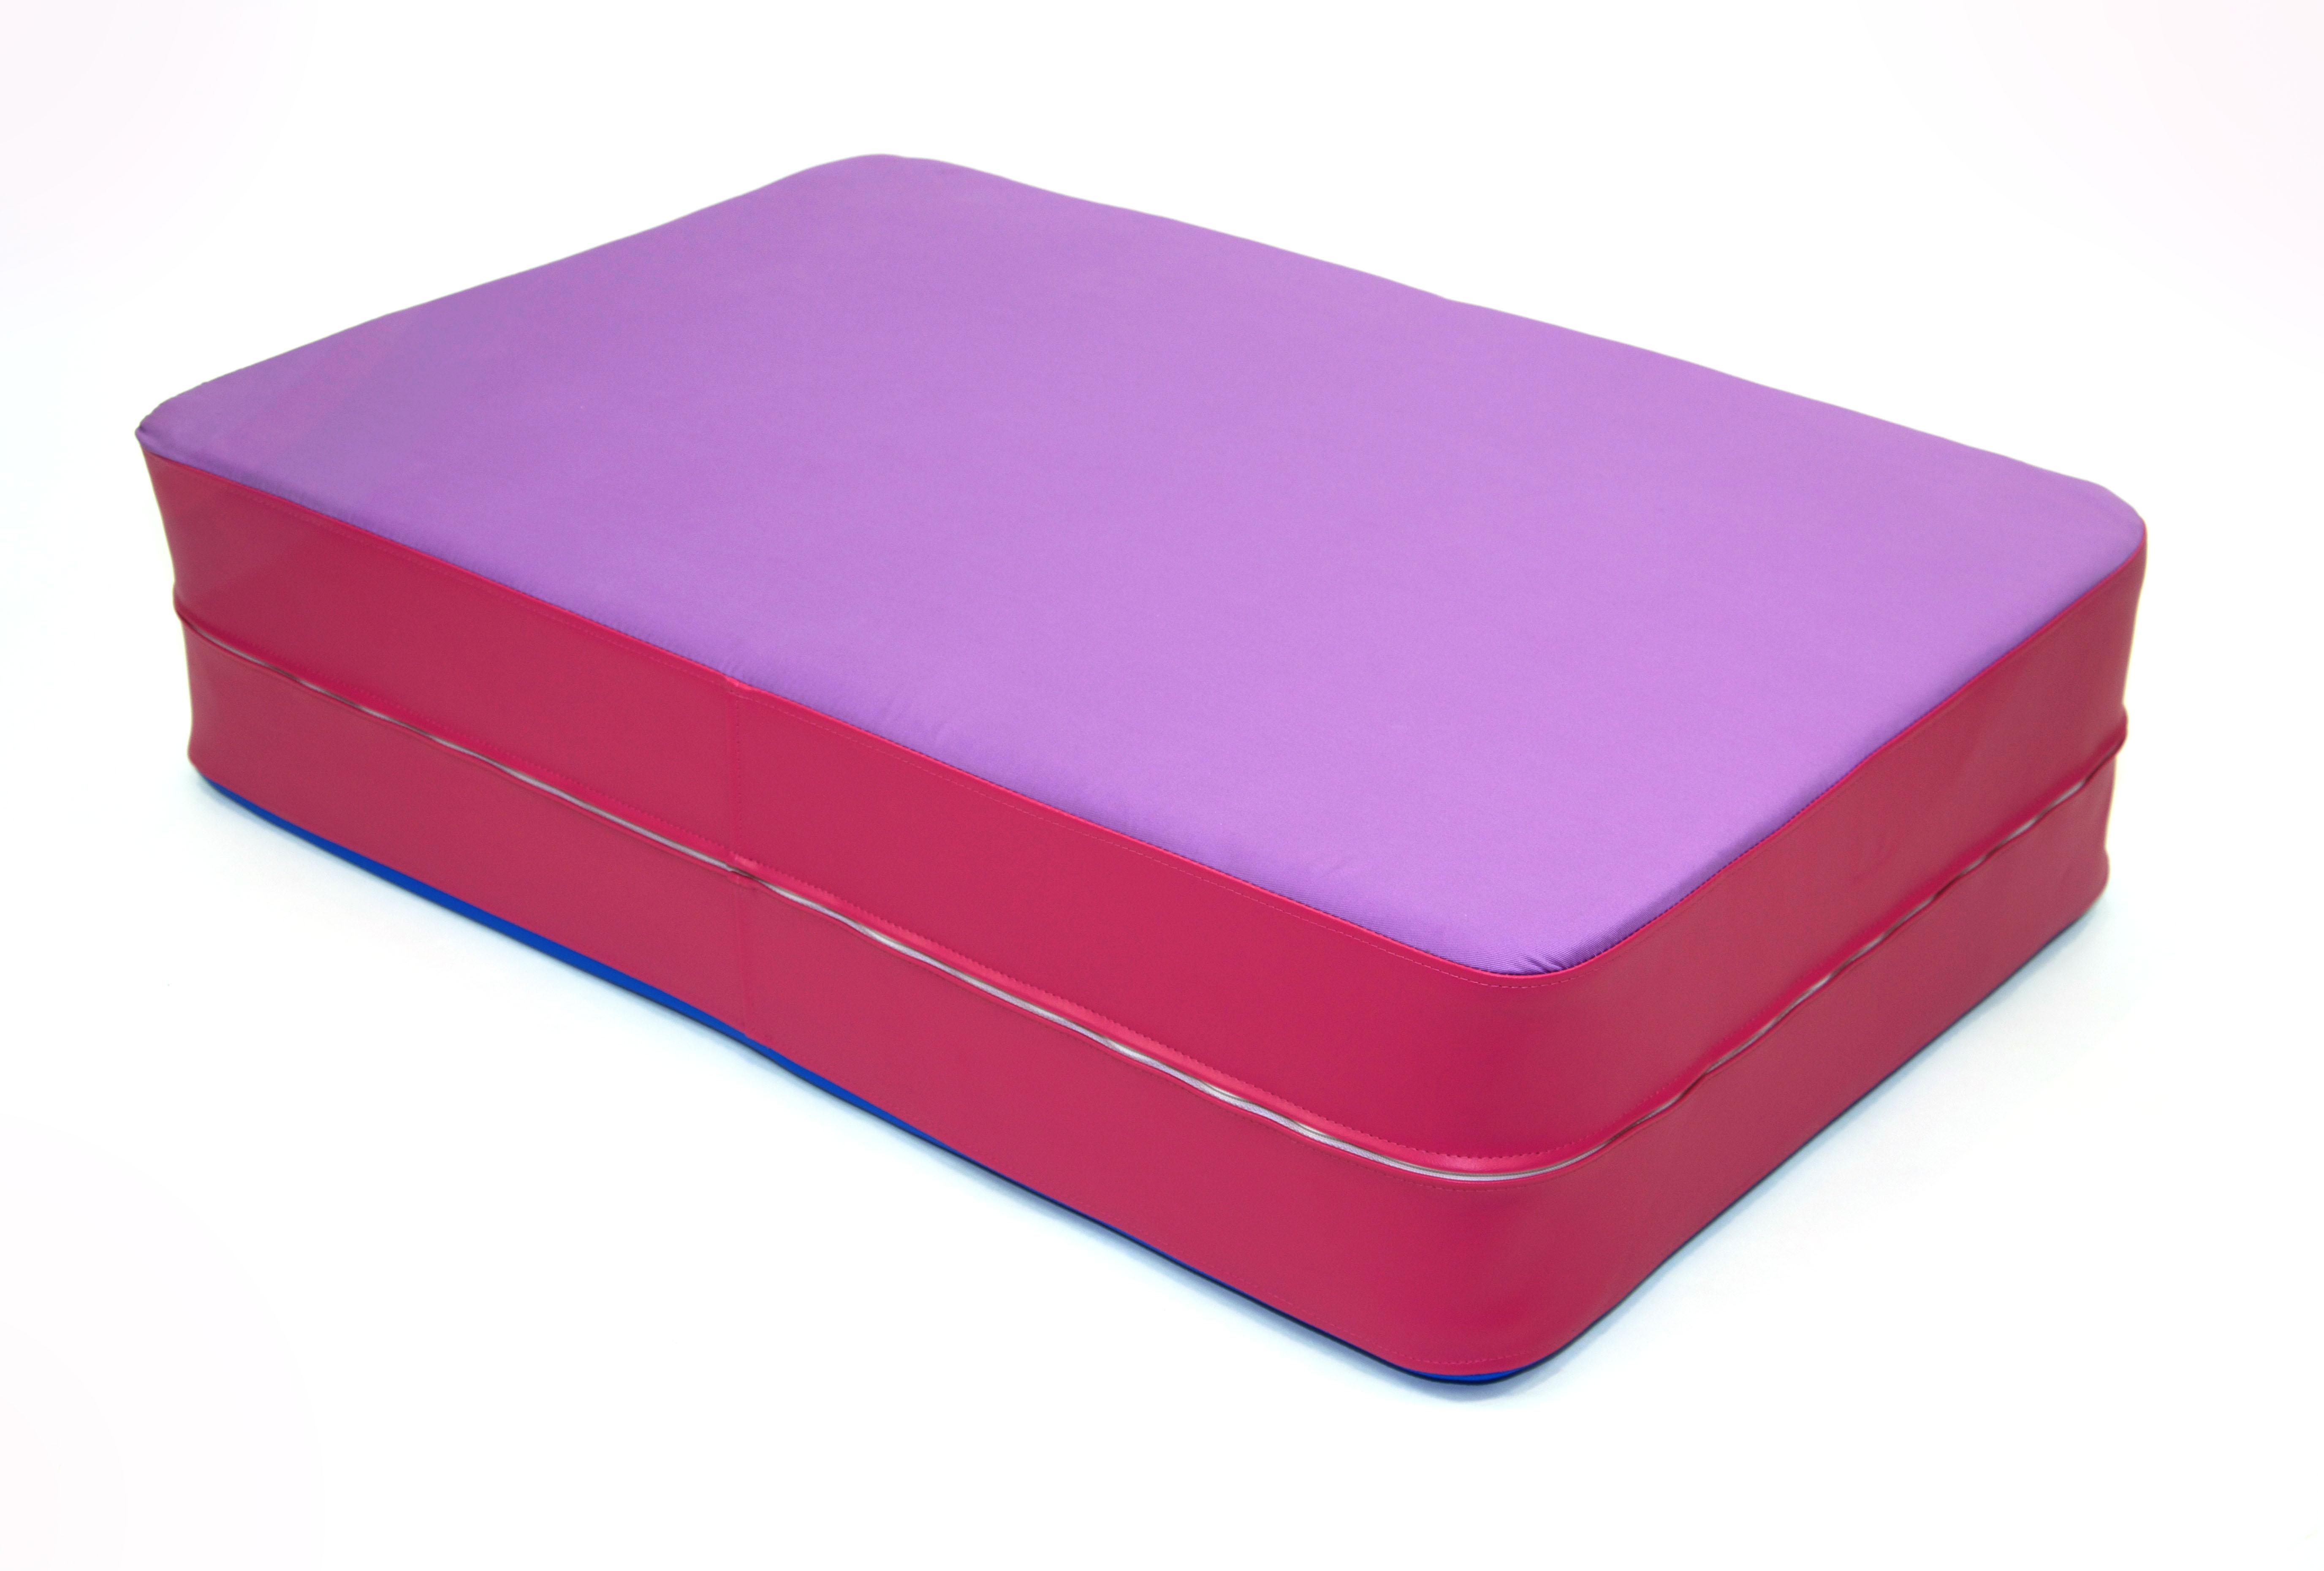 profi h pfmatratze das indoor trampoline h pfmatte sprungmatte liegematte ebay. Black Bedroom Furniture Sets. Home Design Ideas